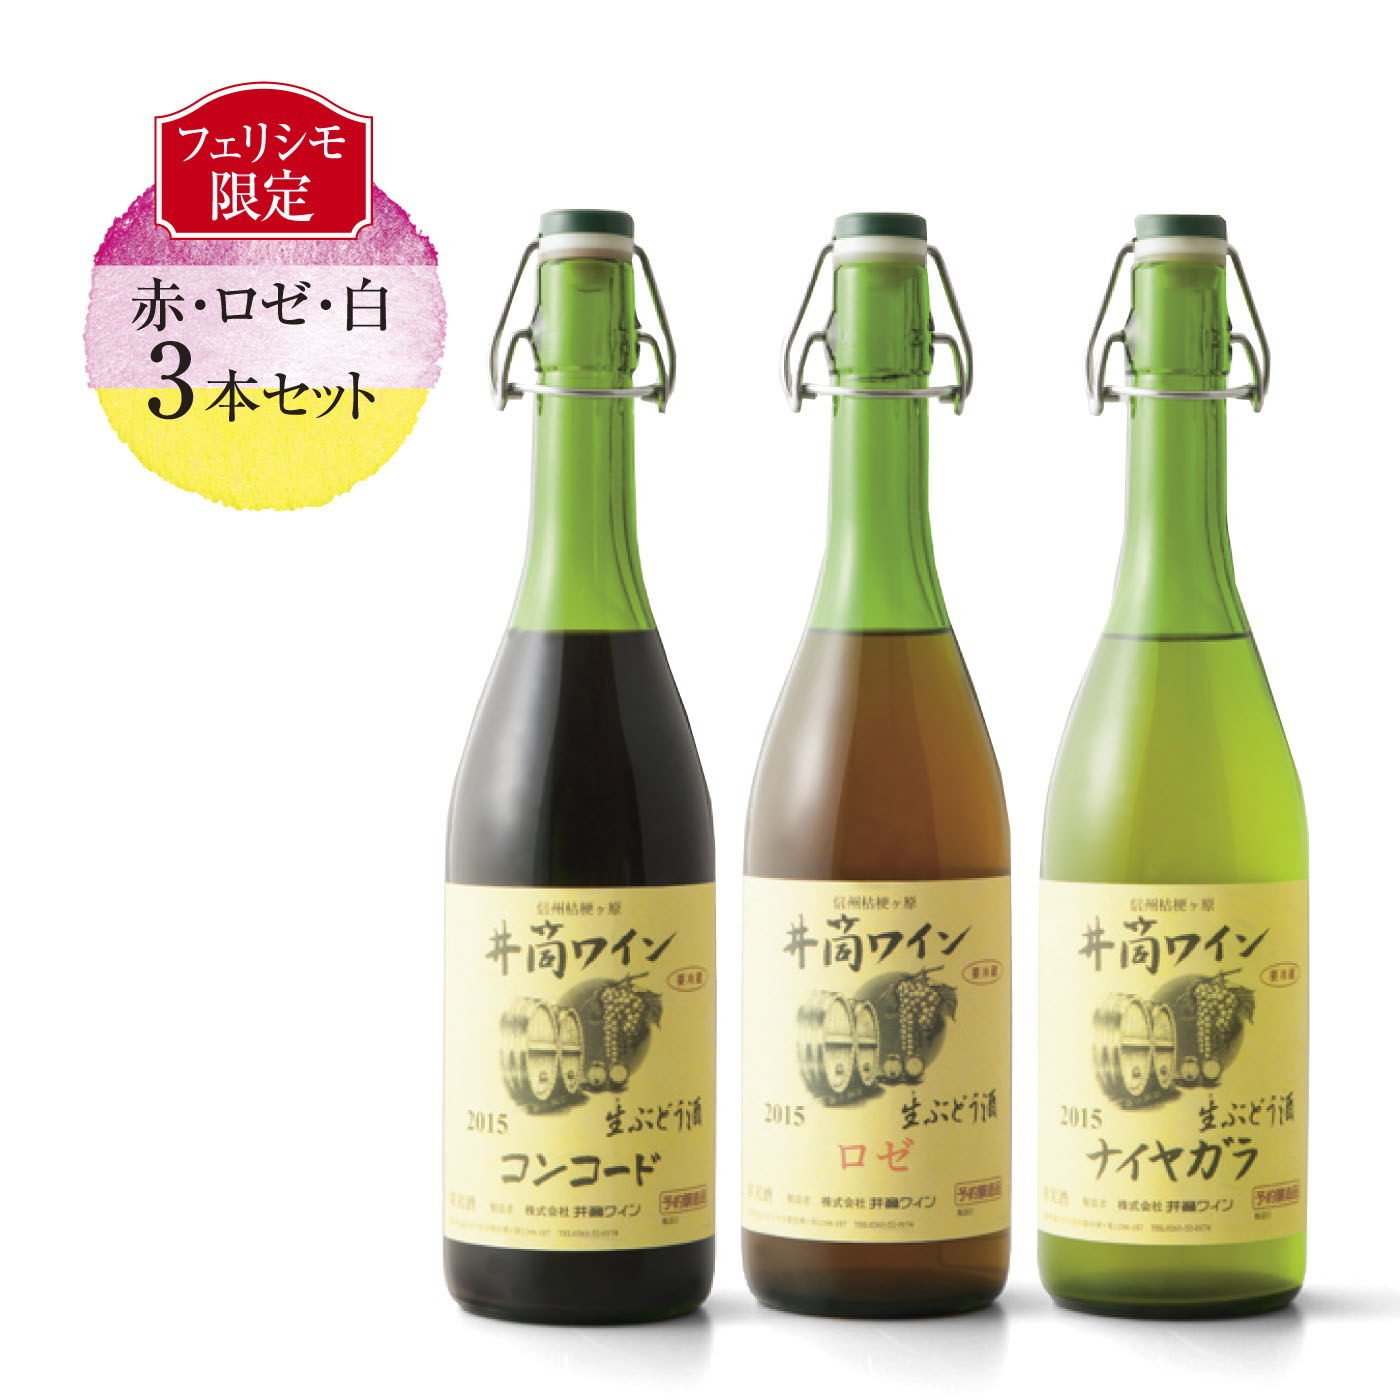 井筒生にごりワイン3本(赤・ロゼ・白各1本)セット